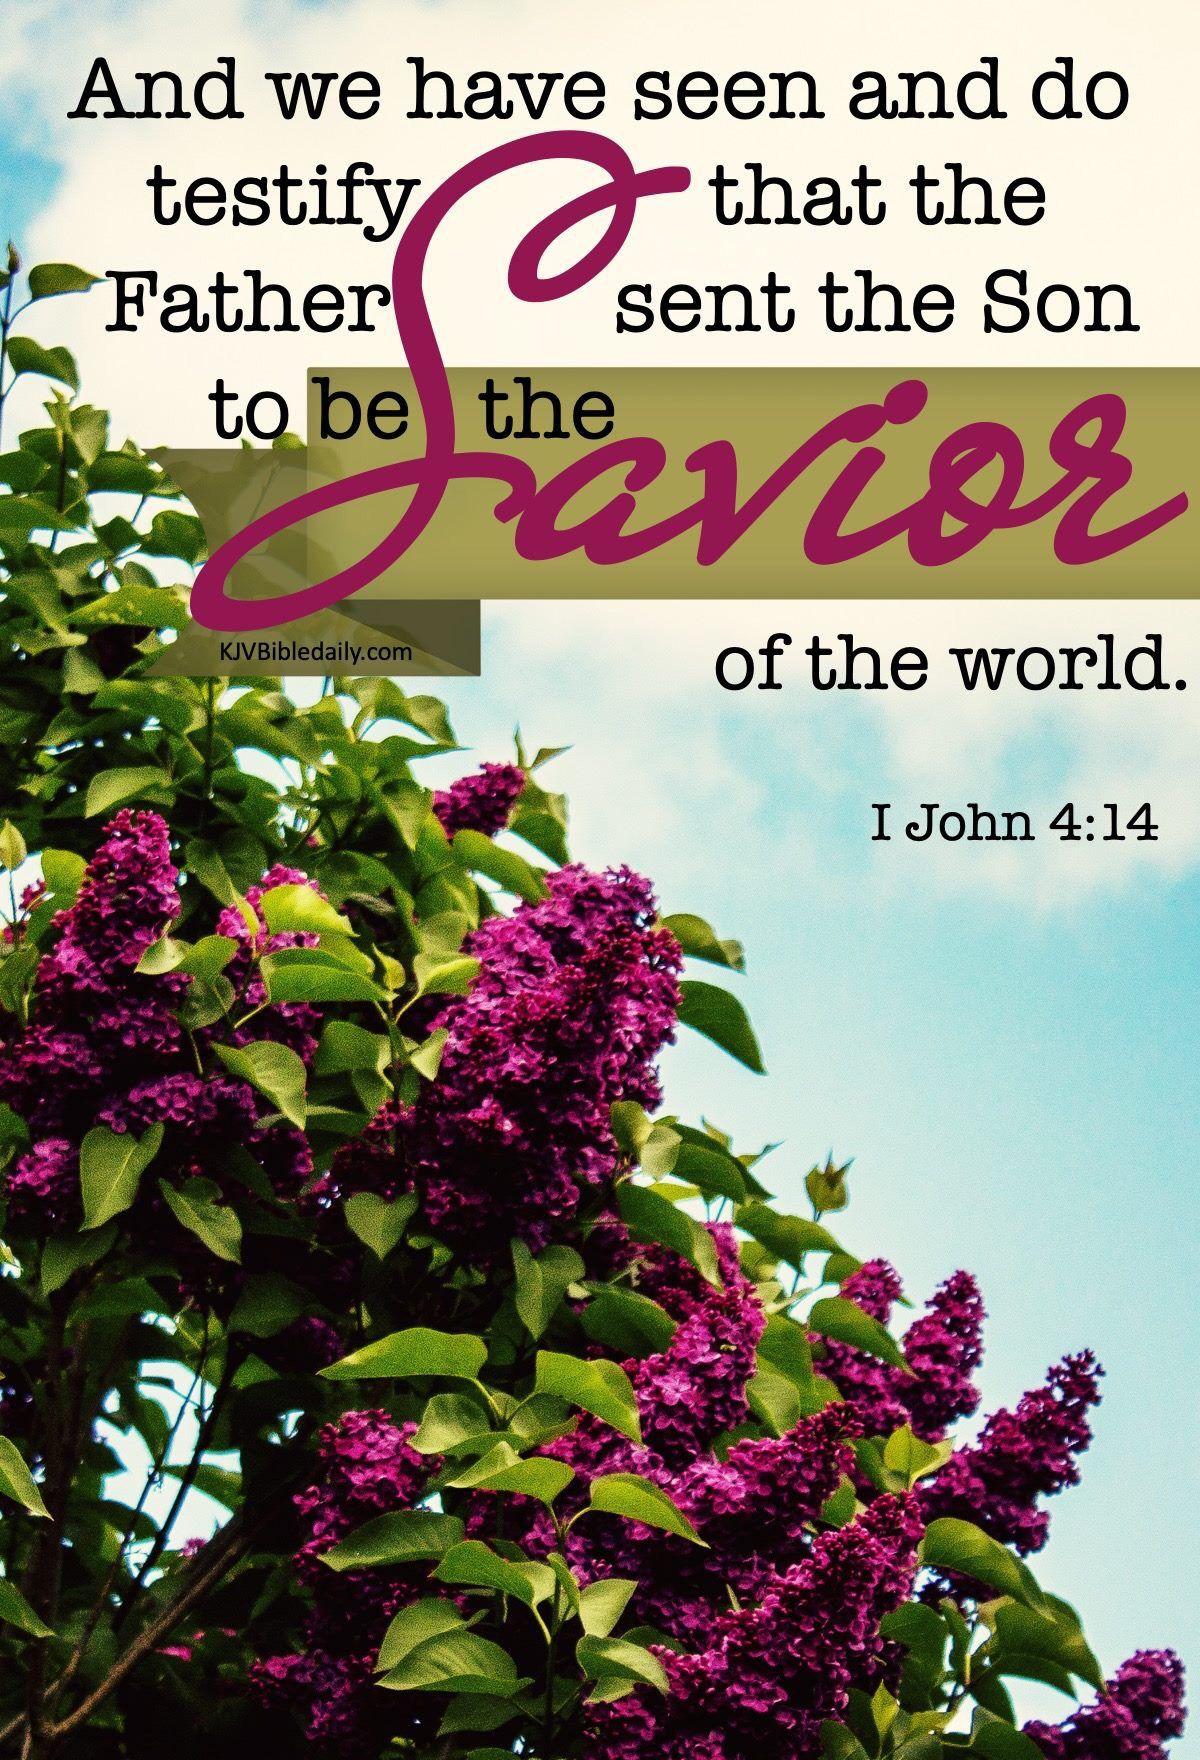 Pin on bible verses kjv